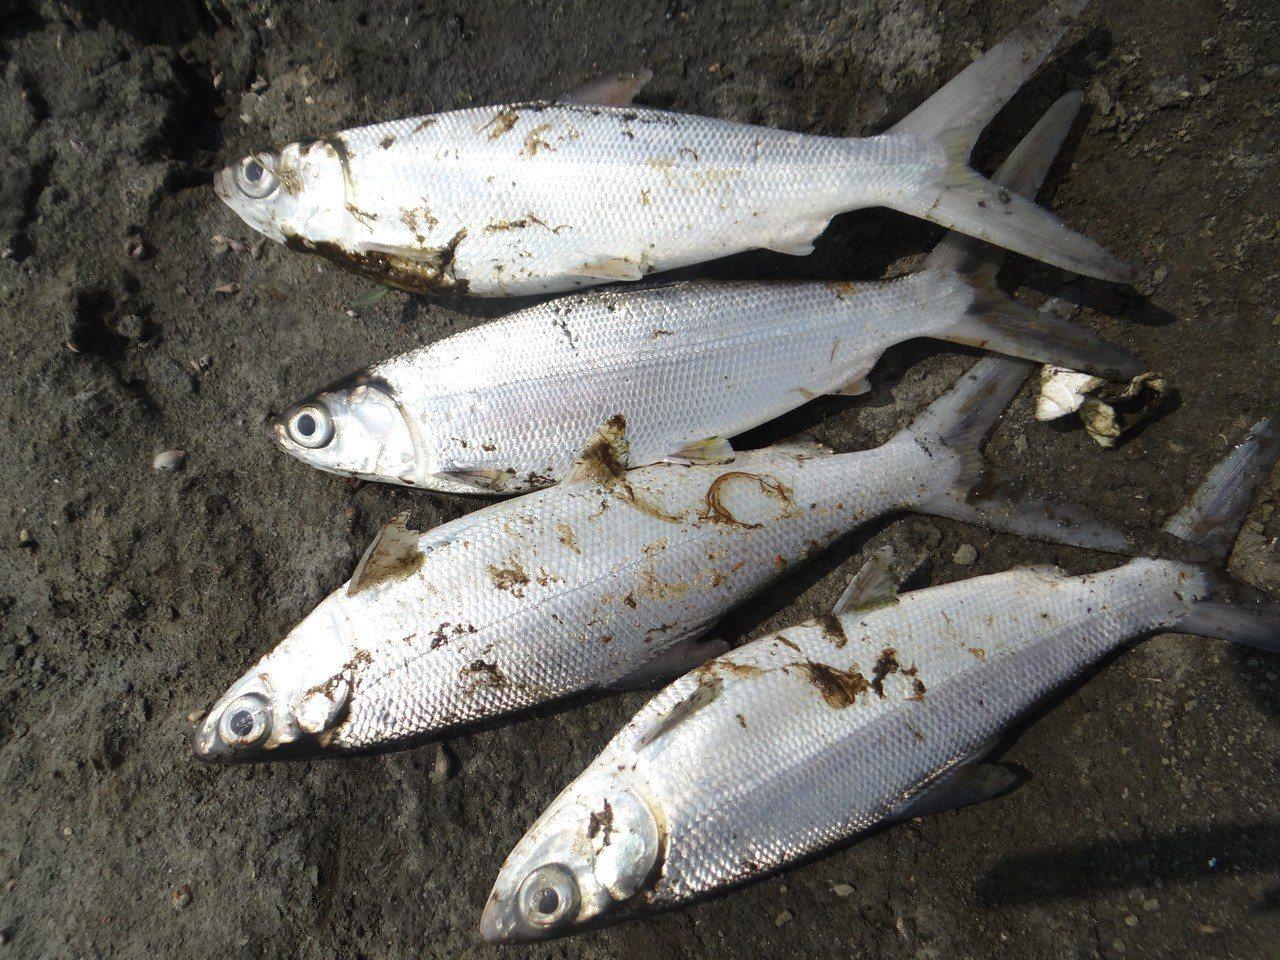 養殖業者說,死魚身上都可見油漬。記者蔡維斌/攝影